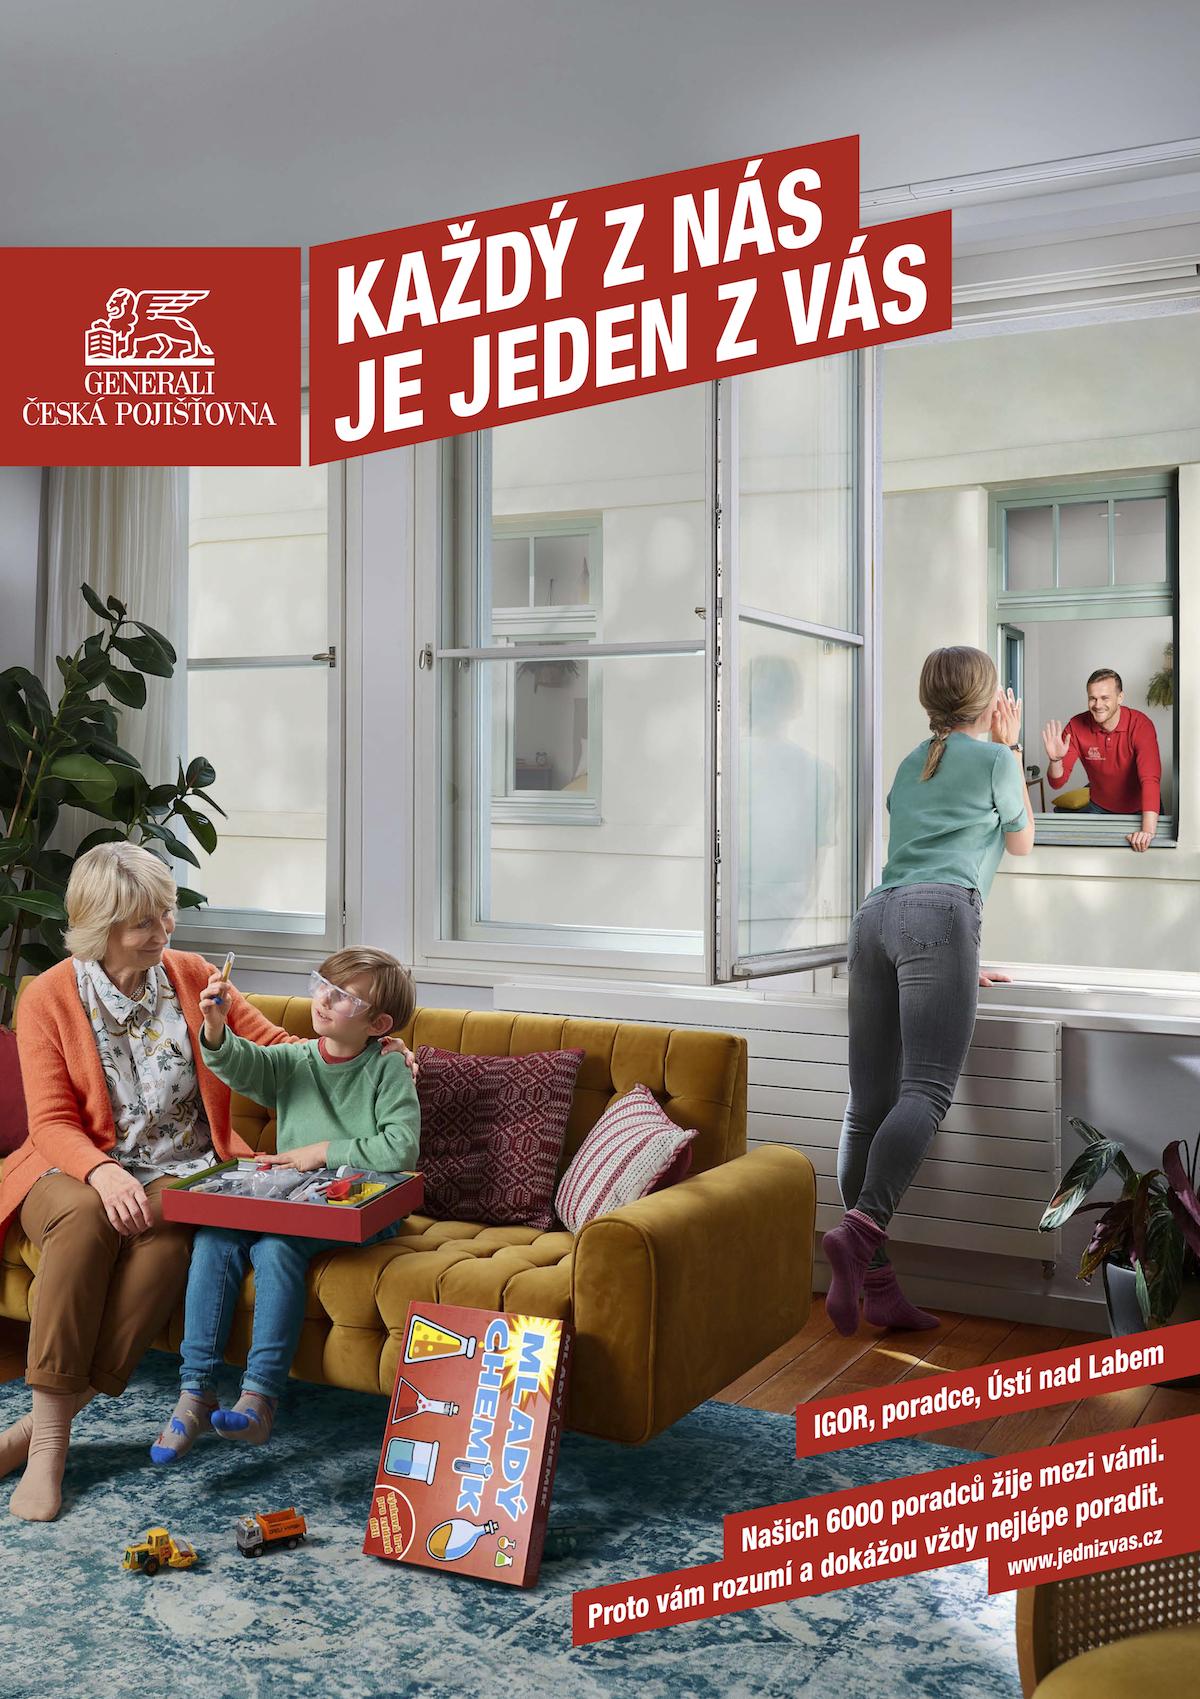 Generali Česká pojišťovna: Každý z nás je jeden z vás (Isobar)